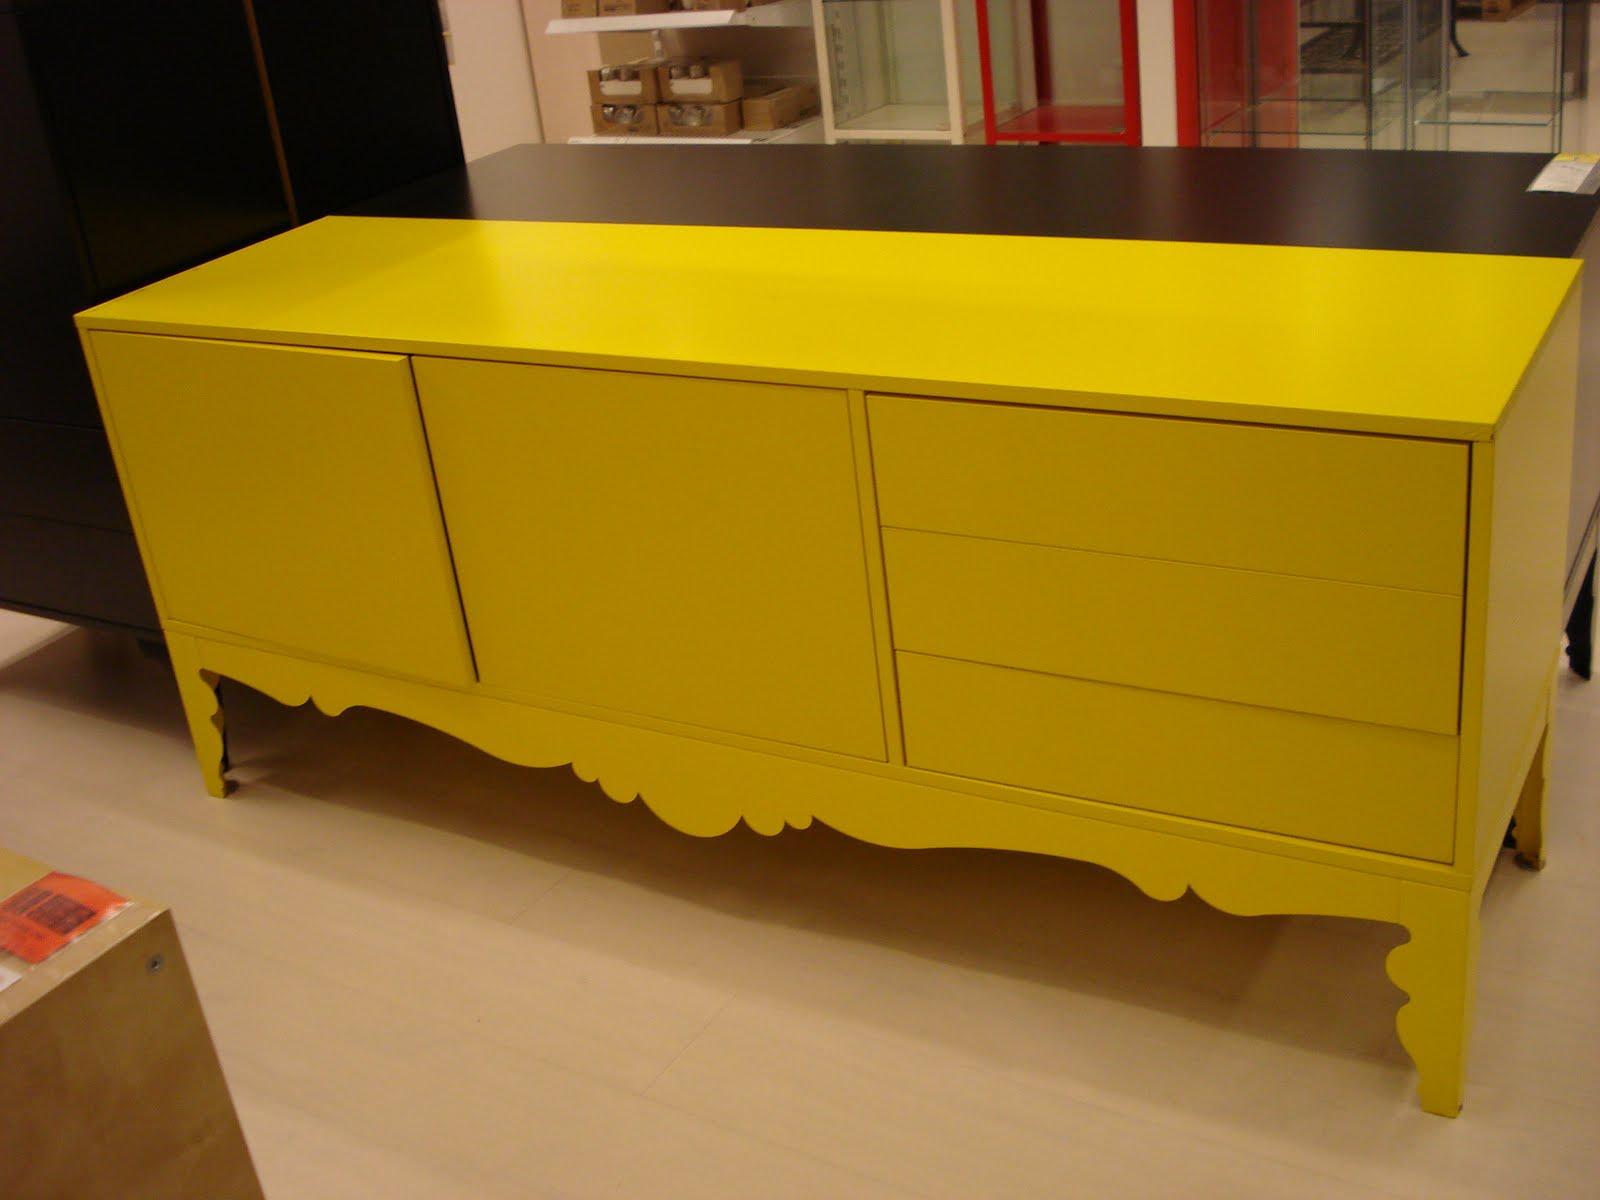 Credenza Trollsta Ikea : Ikea trollsta d model land